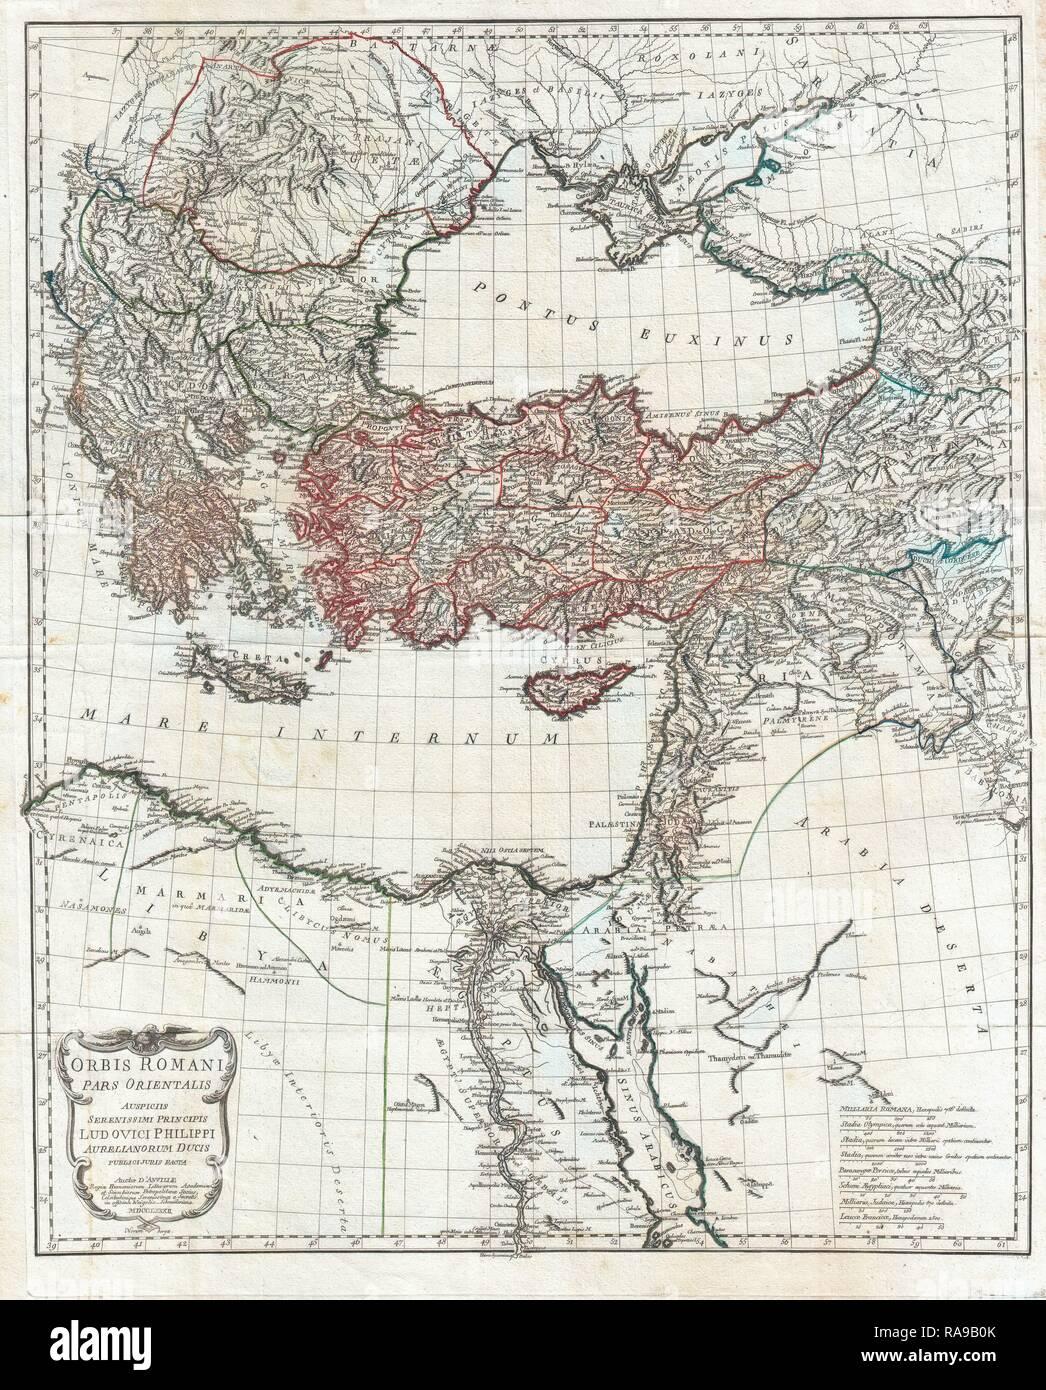 1782, la carte d'Anville de l'Empire romain. Repensé par Gibon. L'art classique avec une touche moderne repensé Photo Stock